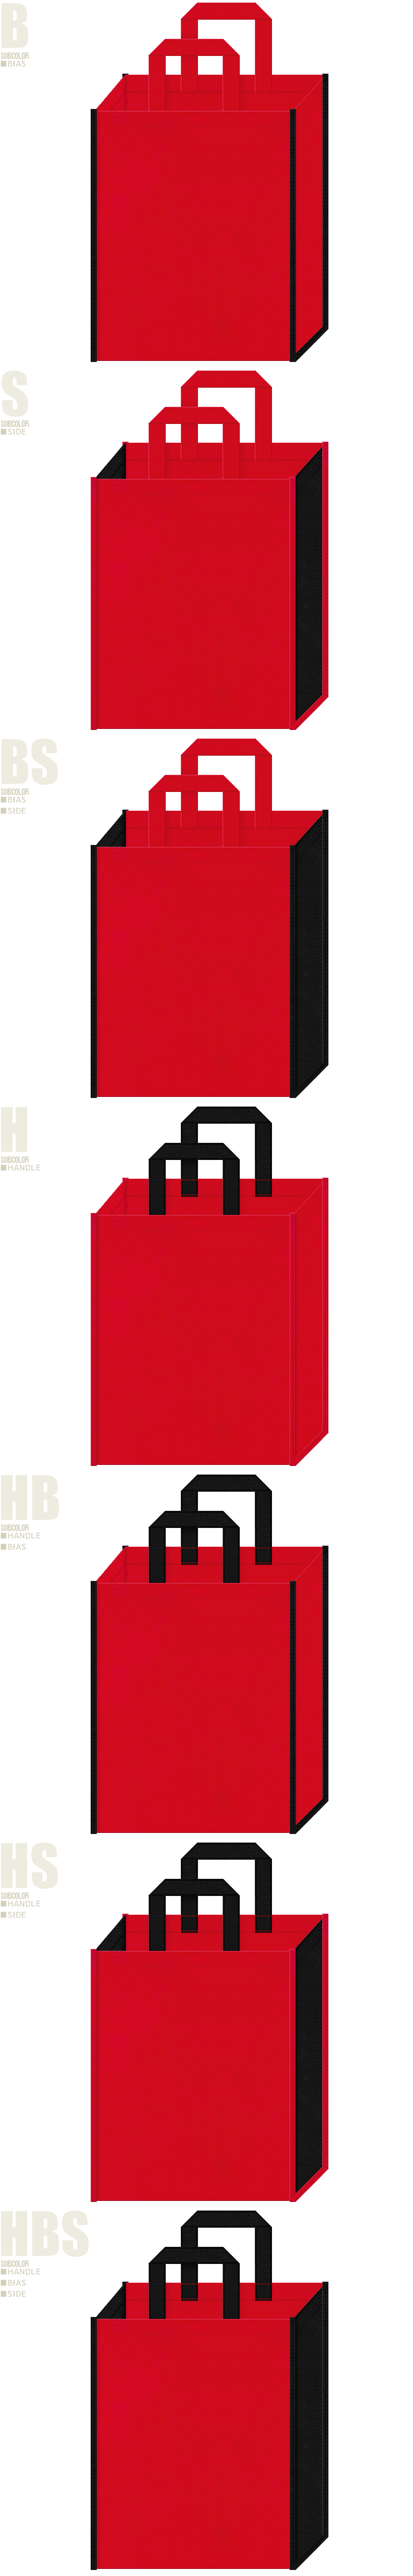 レッスンバッグ・アウトドアイベント・スポーツ用品・ホラー・格闘・ゲームの展示会用バッグにお奨めの不織布バッグデザイン:紅色と黒色の配色7パターン